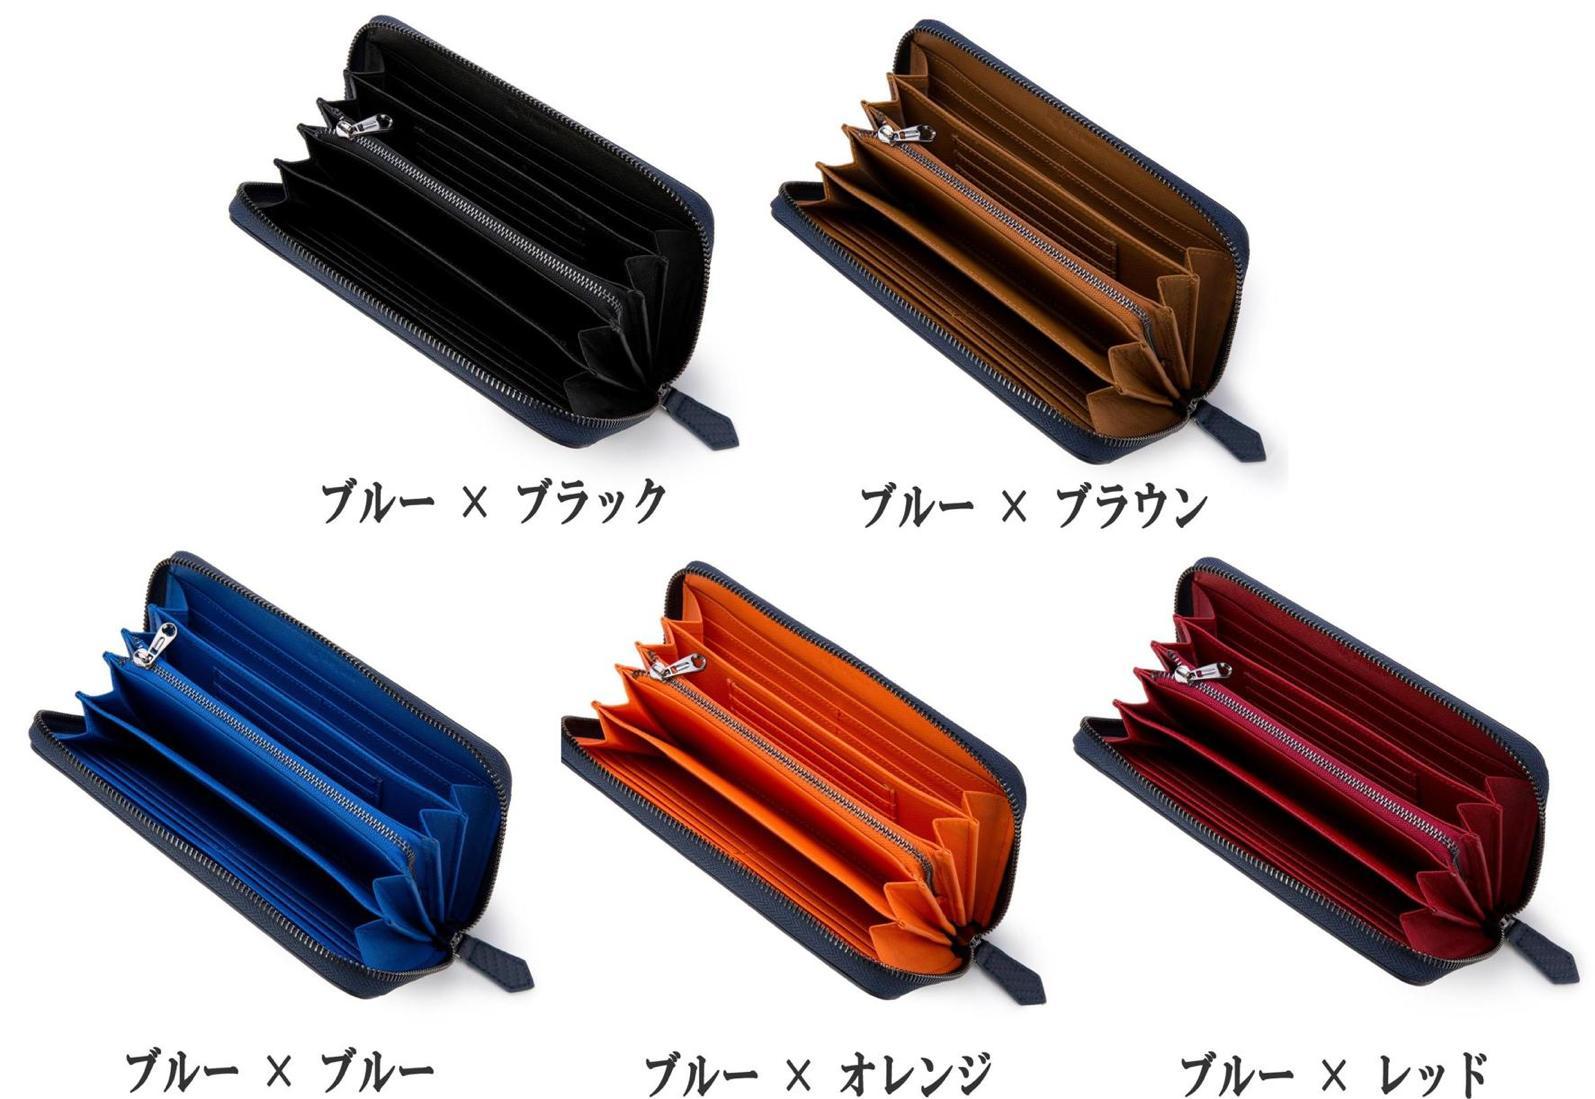 Legare財布